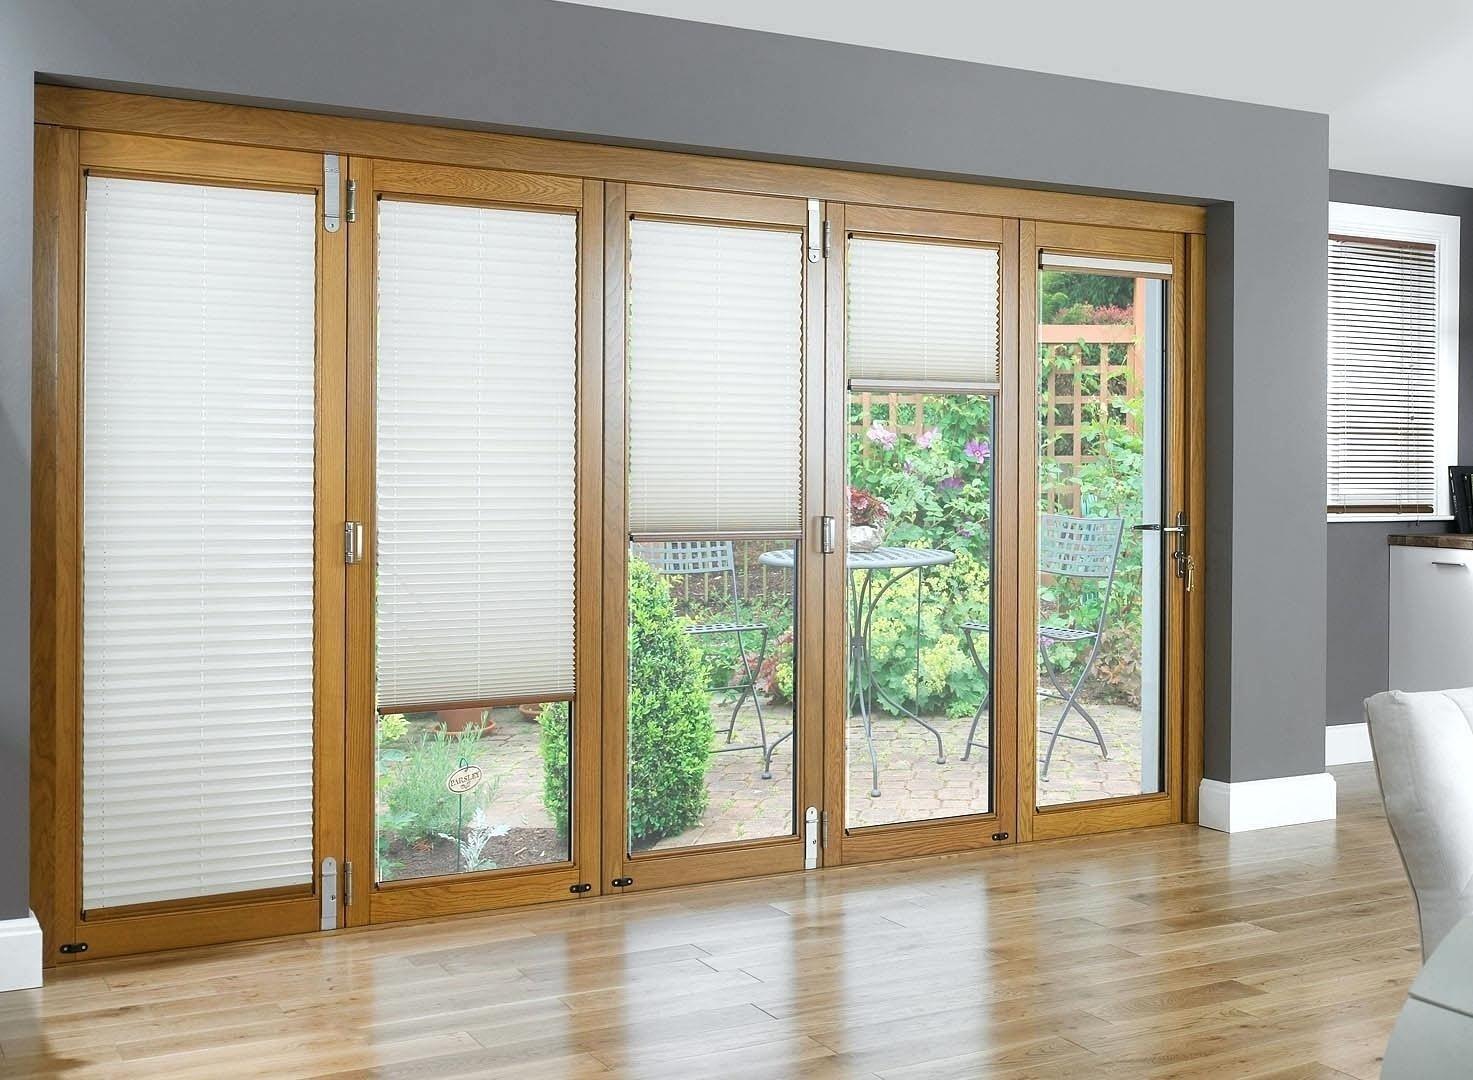 10 Attractive Sliding Door Window Treatments Ideas fascinating sliding door window treatment ideas u 2020